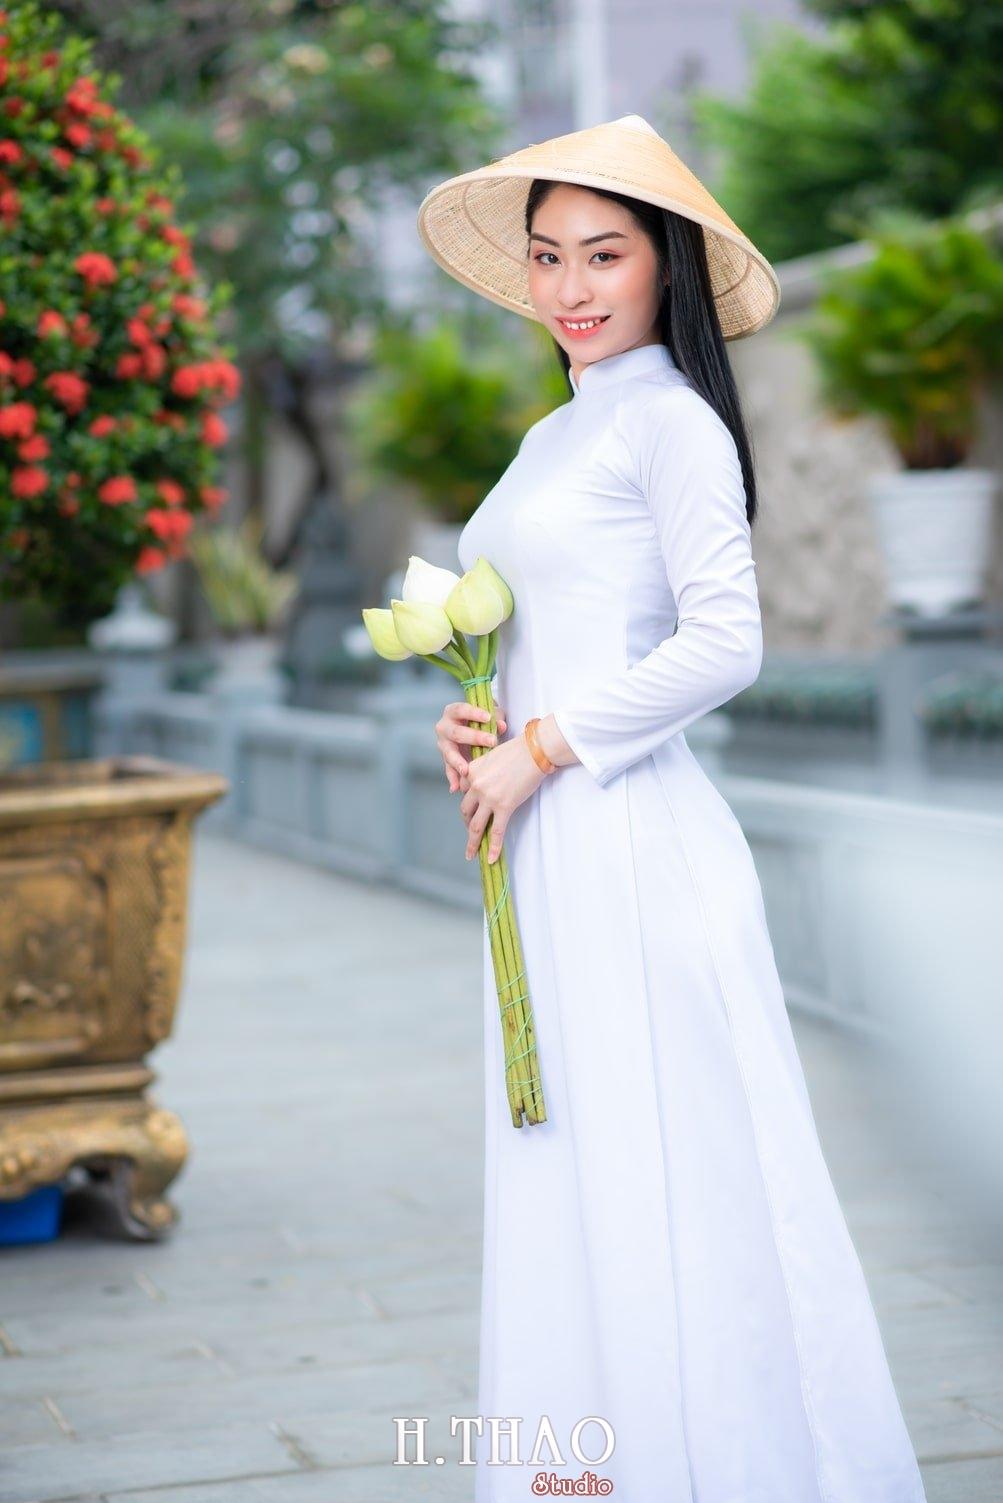 Ao dai trang 2 - Album áo dài trắng tại Thiền Viện Vạn Hạnh - HThao Studio